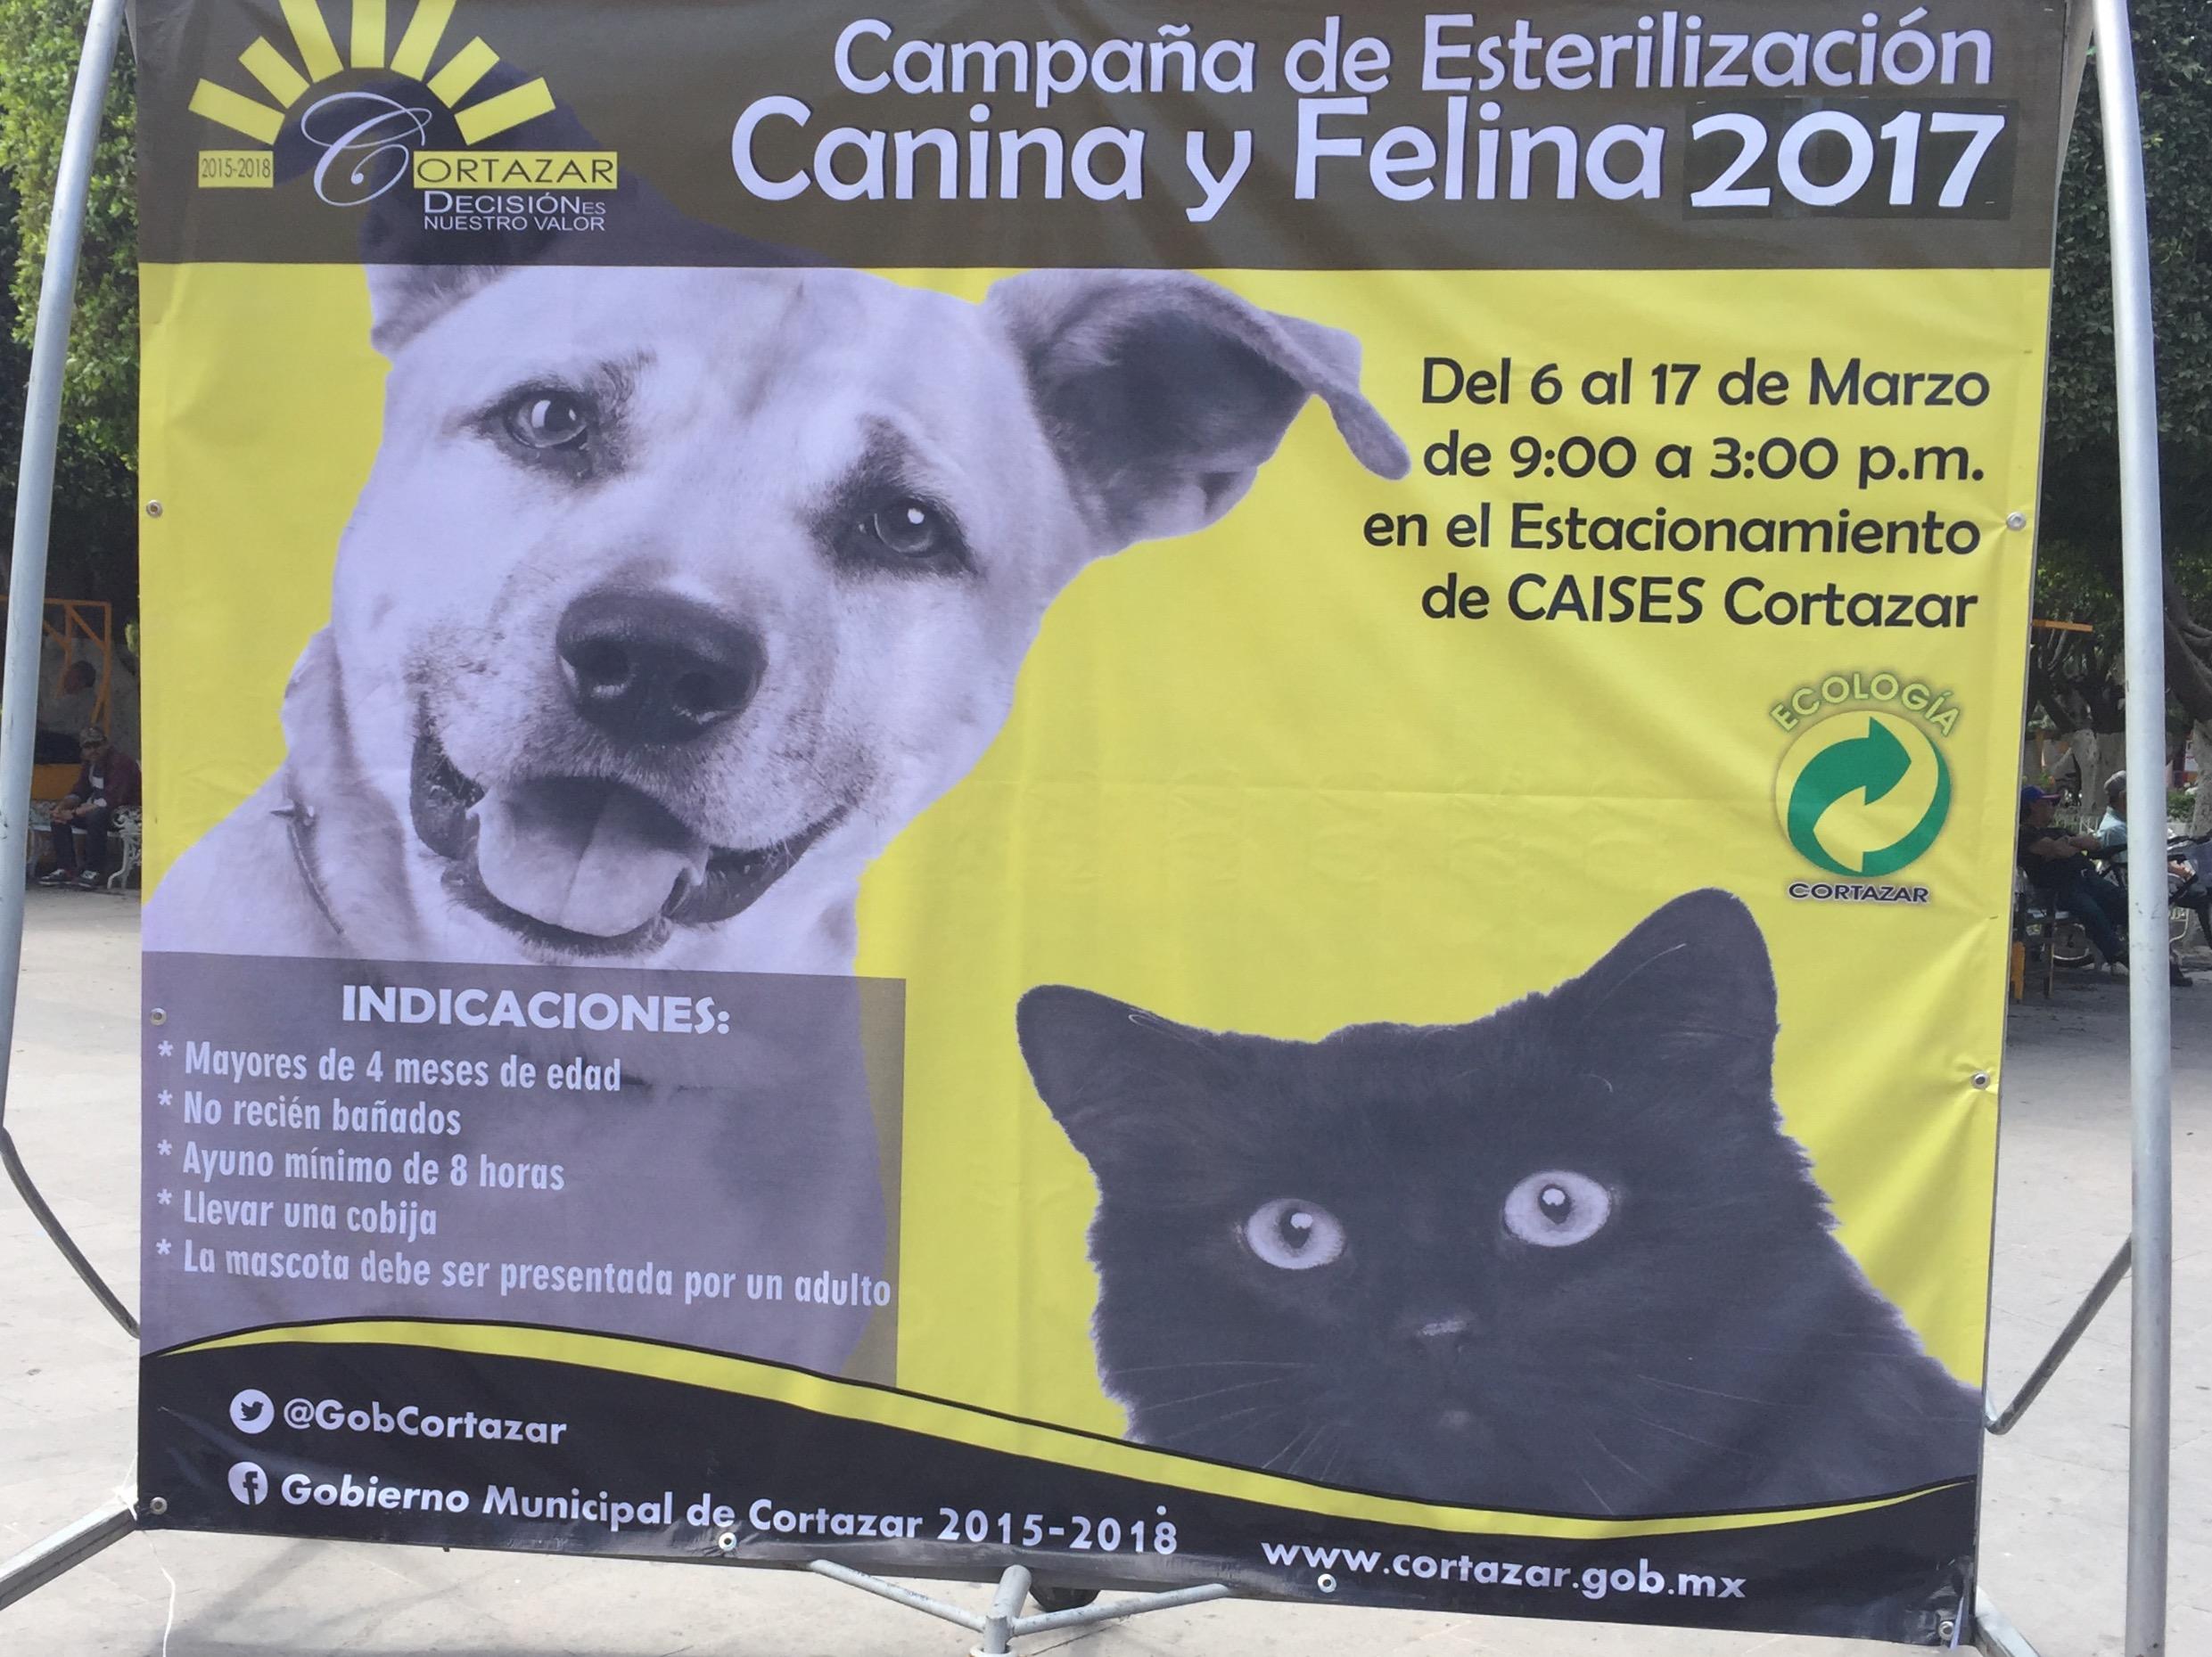 Por diferentes medios se da a conocer el programa de esterilización de mascotas perros y gatos, que finalizará el 17 de Marzo y que se realiza en el estacionamiento del Caises.